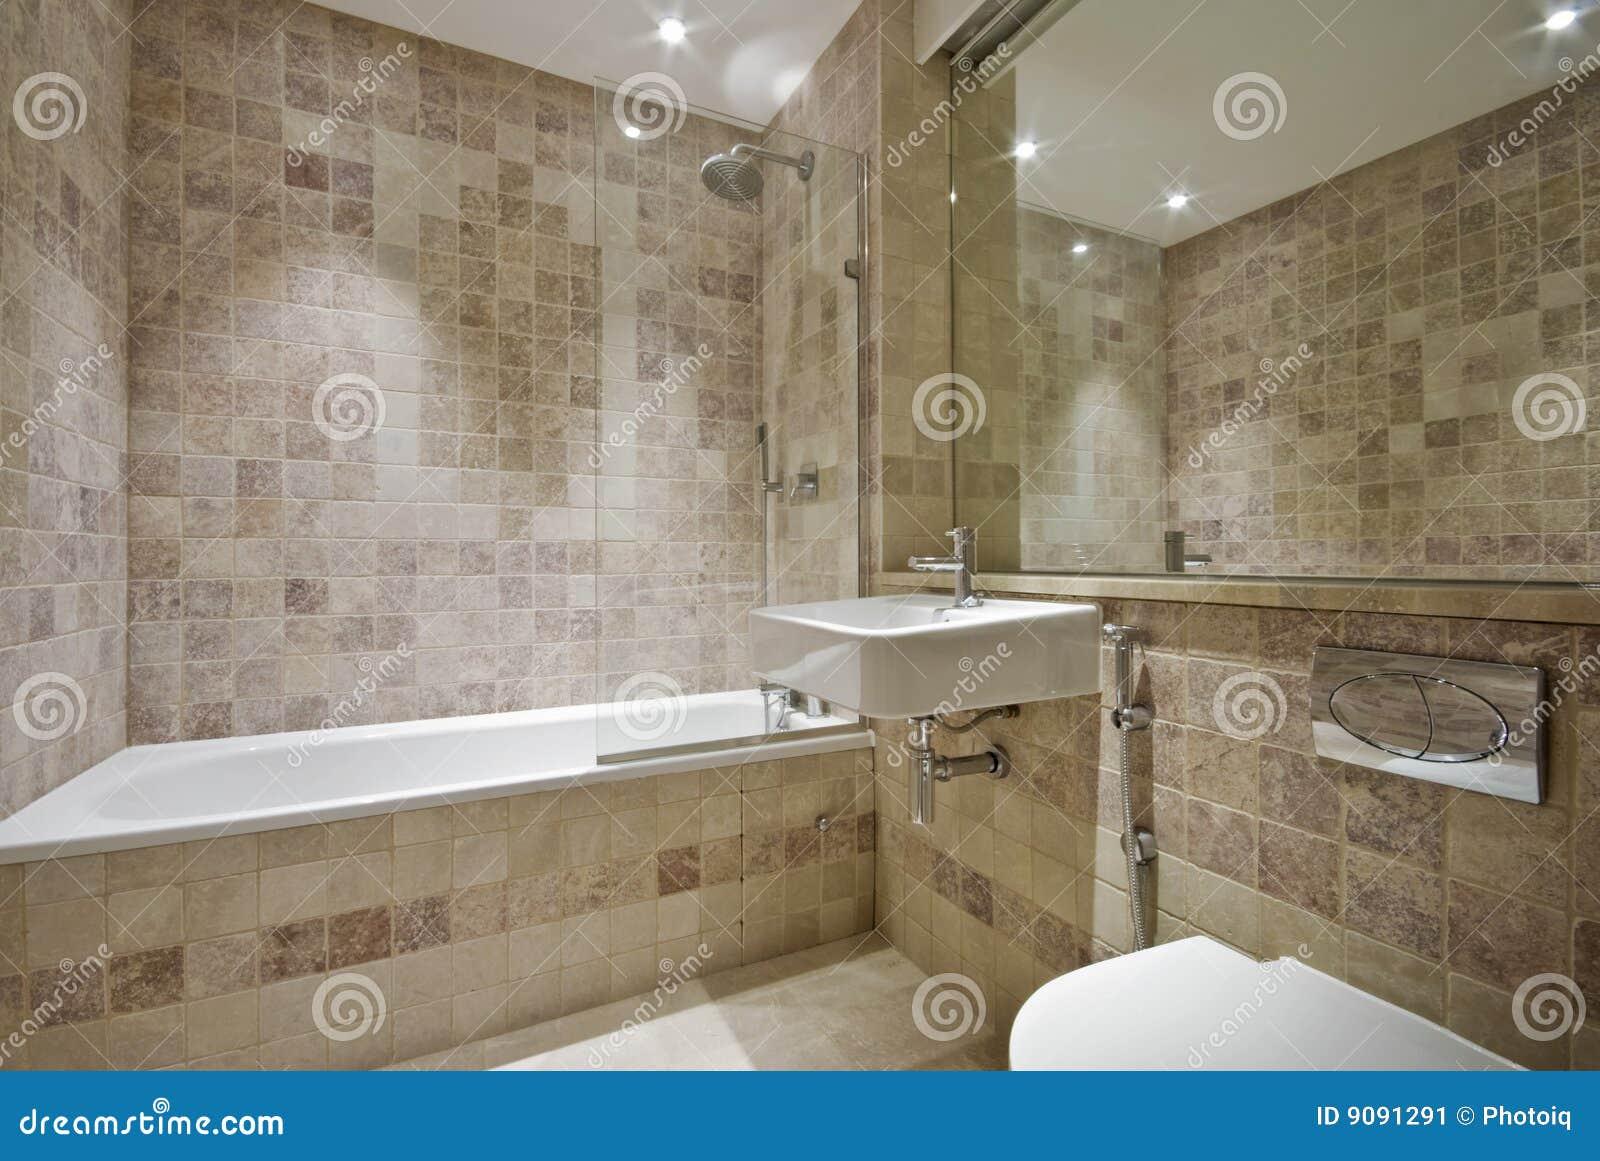 Banheiro contemporâneo com as telhas de pedra naturais